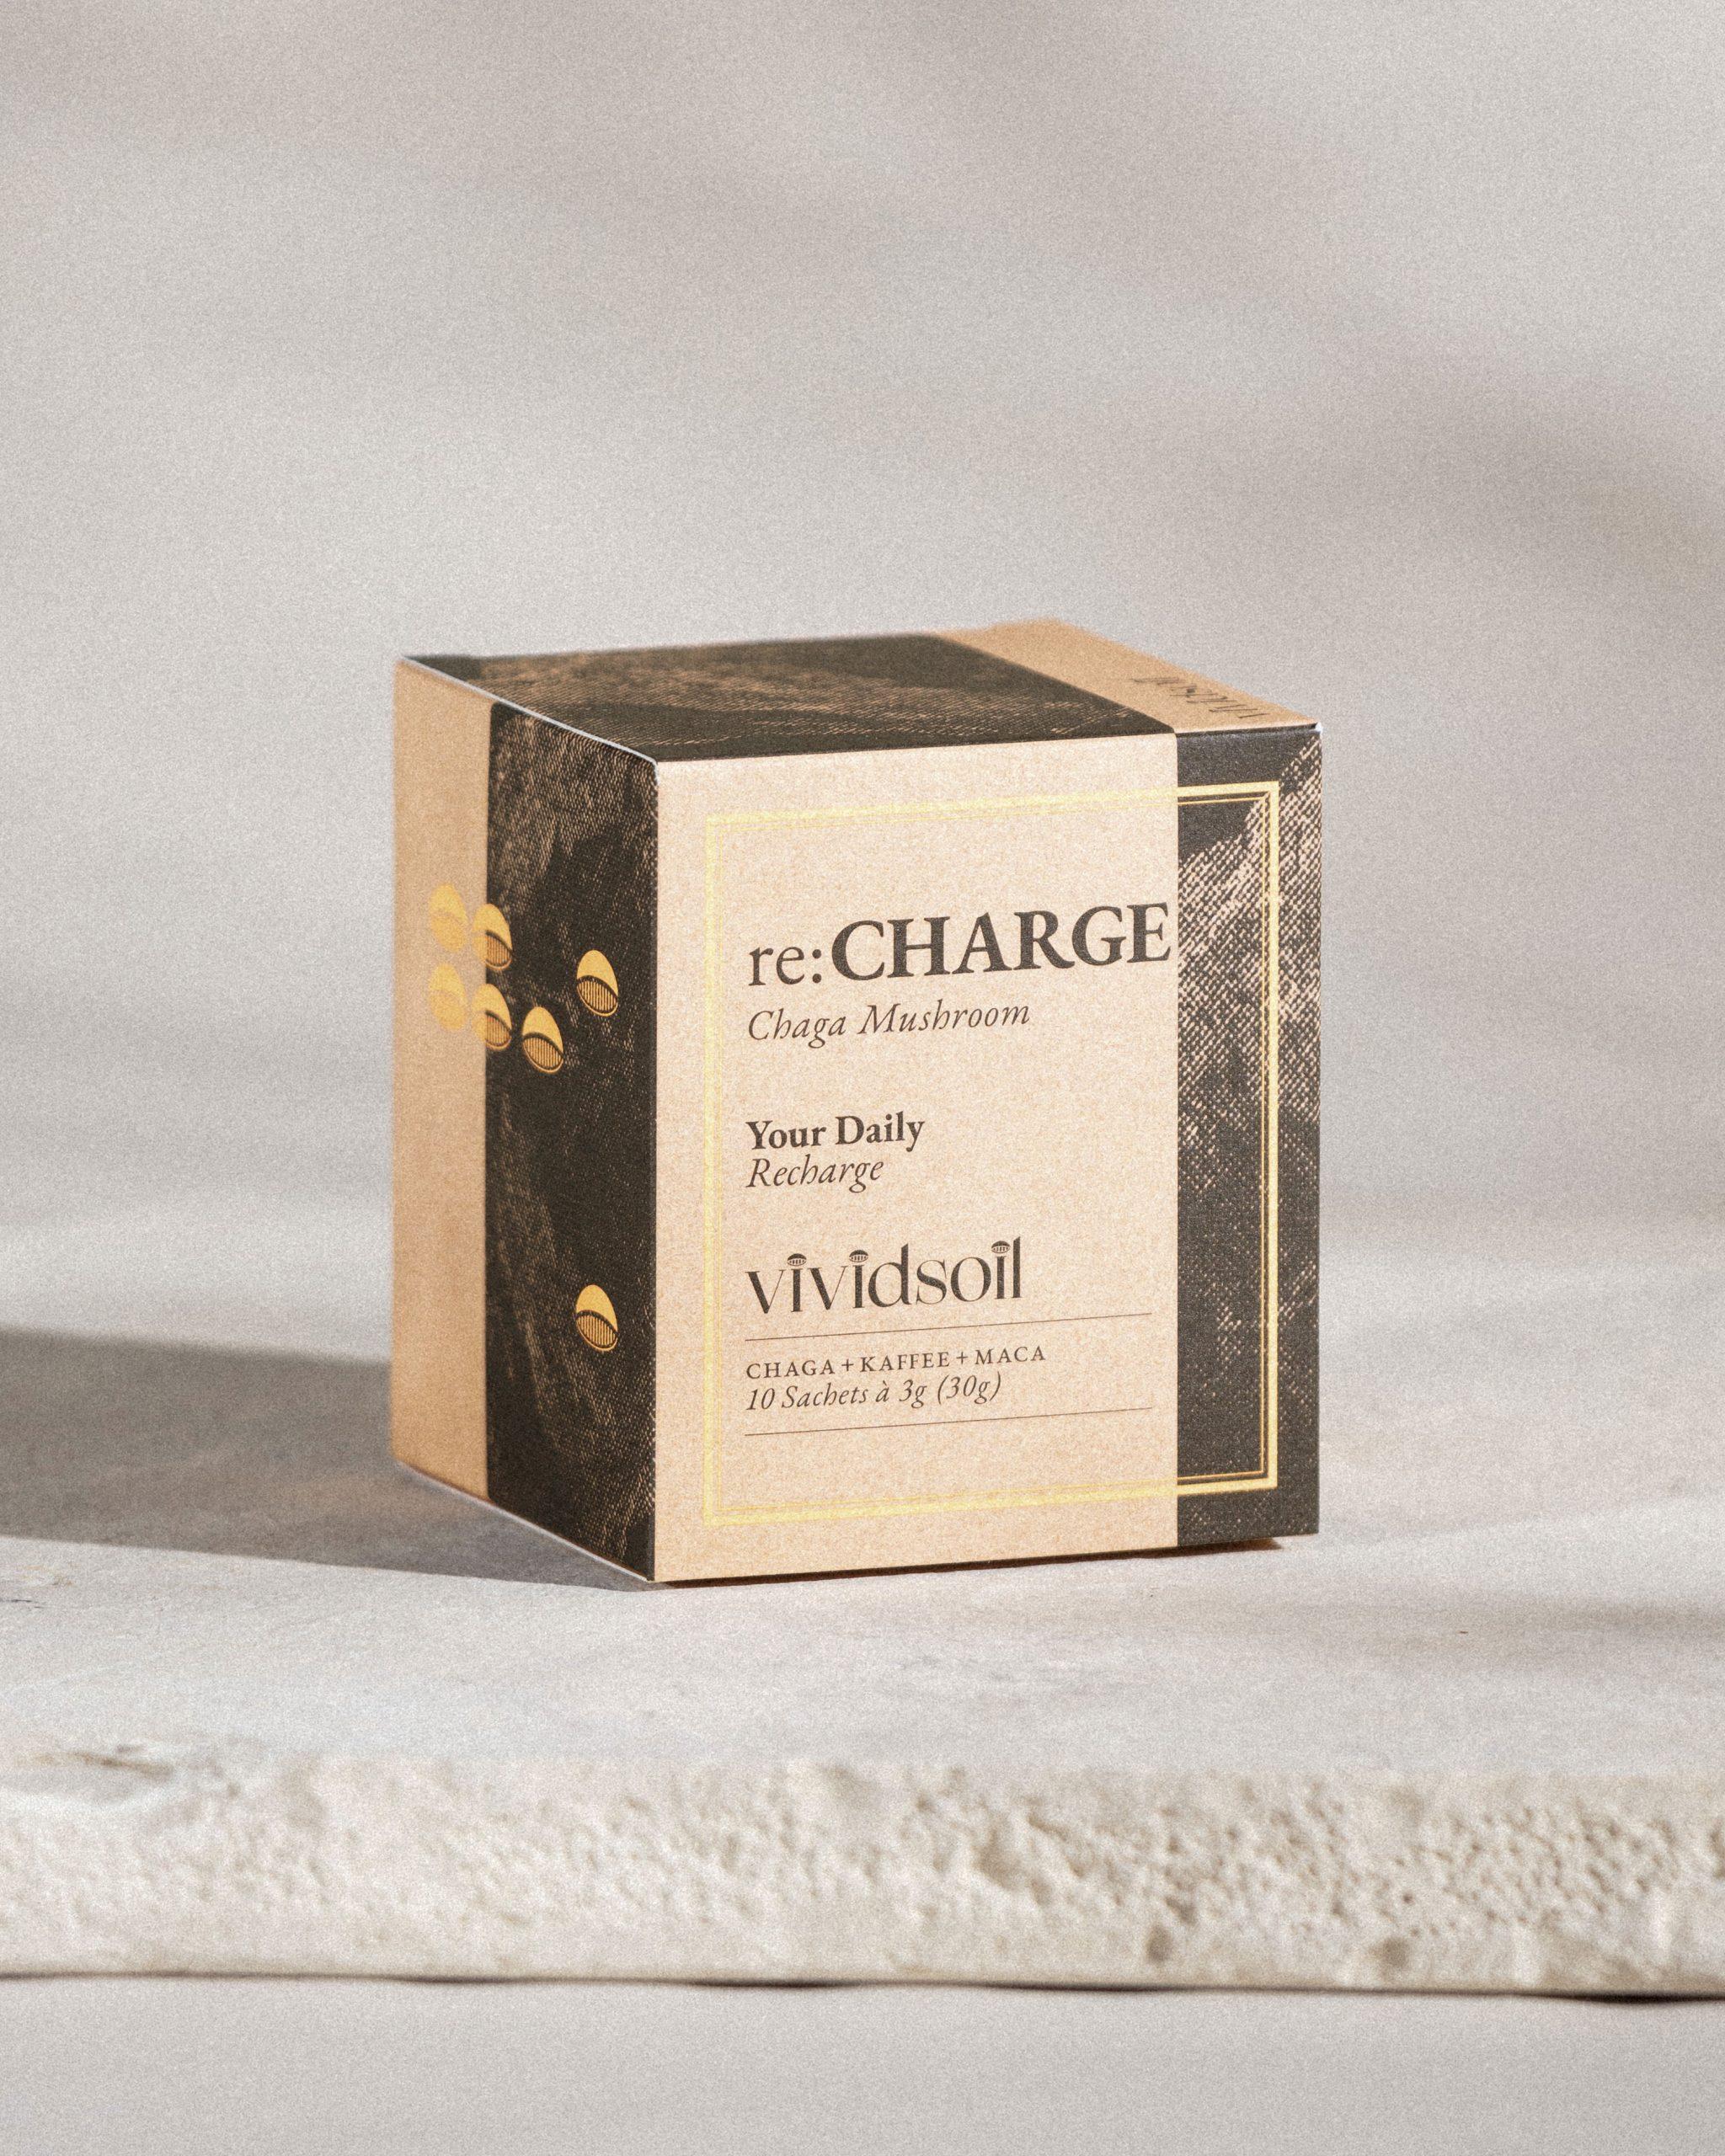 re:CHARGE – Kaffee mit CHAGA